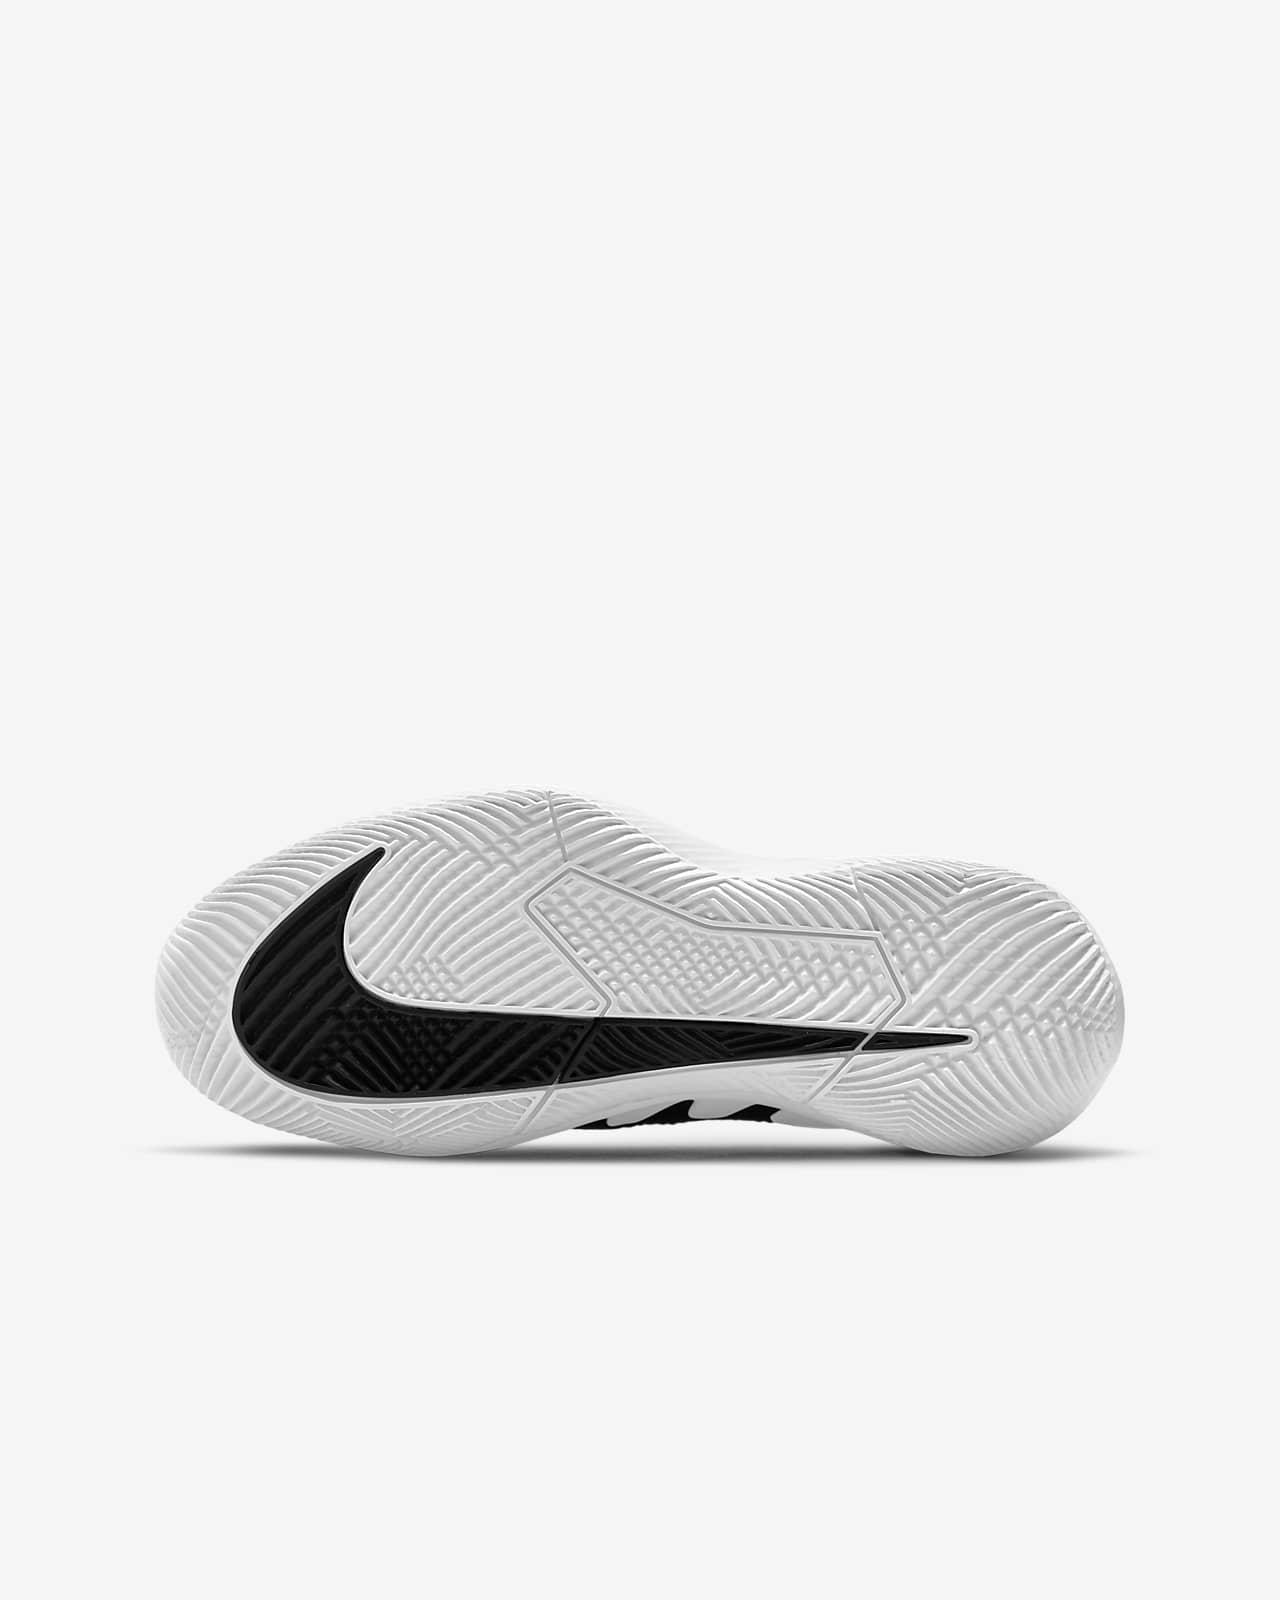 NikeCourt Jr. Vapor Pro Little/Big Kids' Tennis Shoes